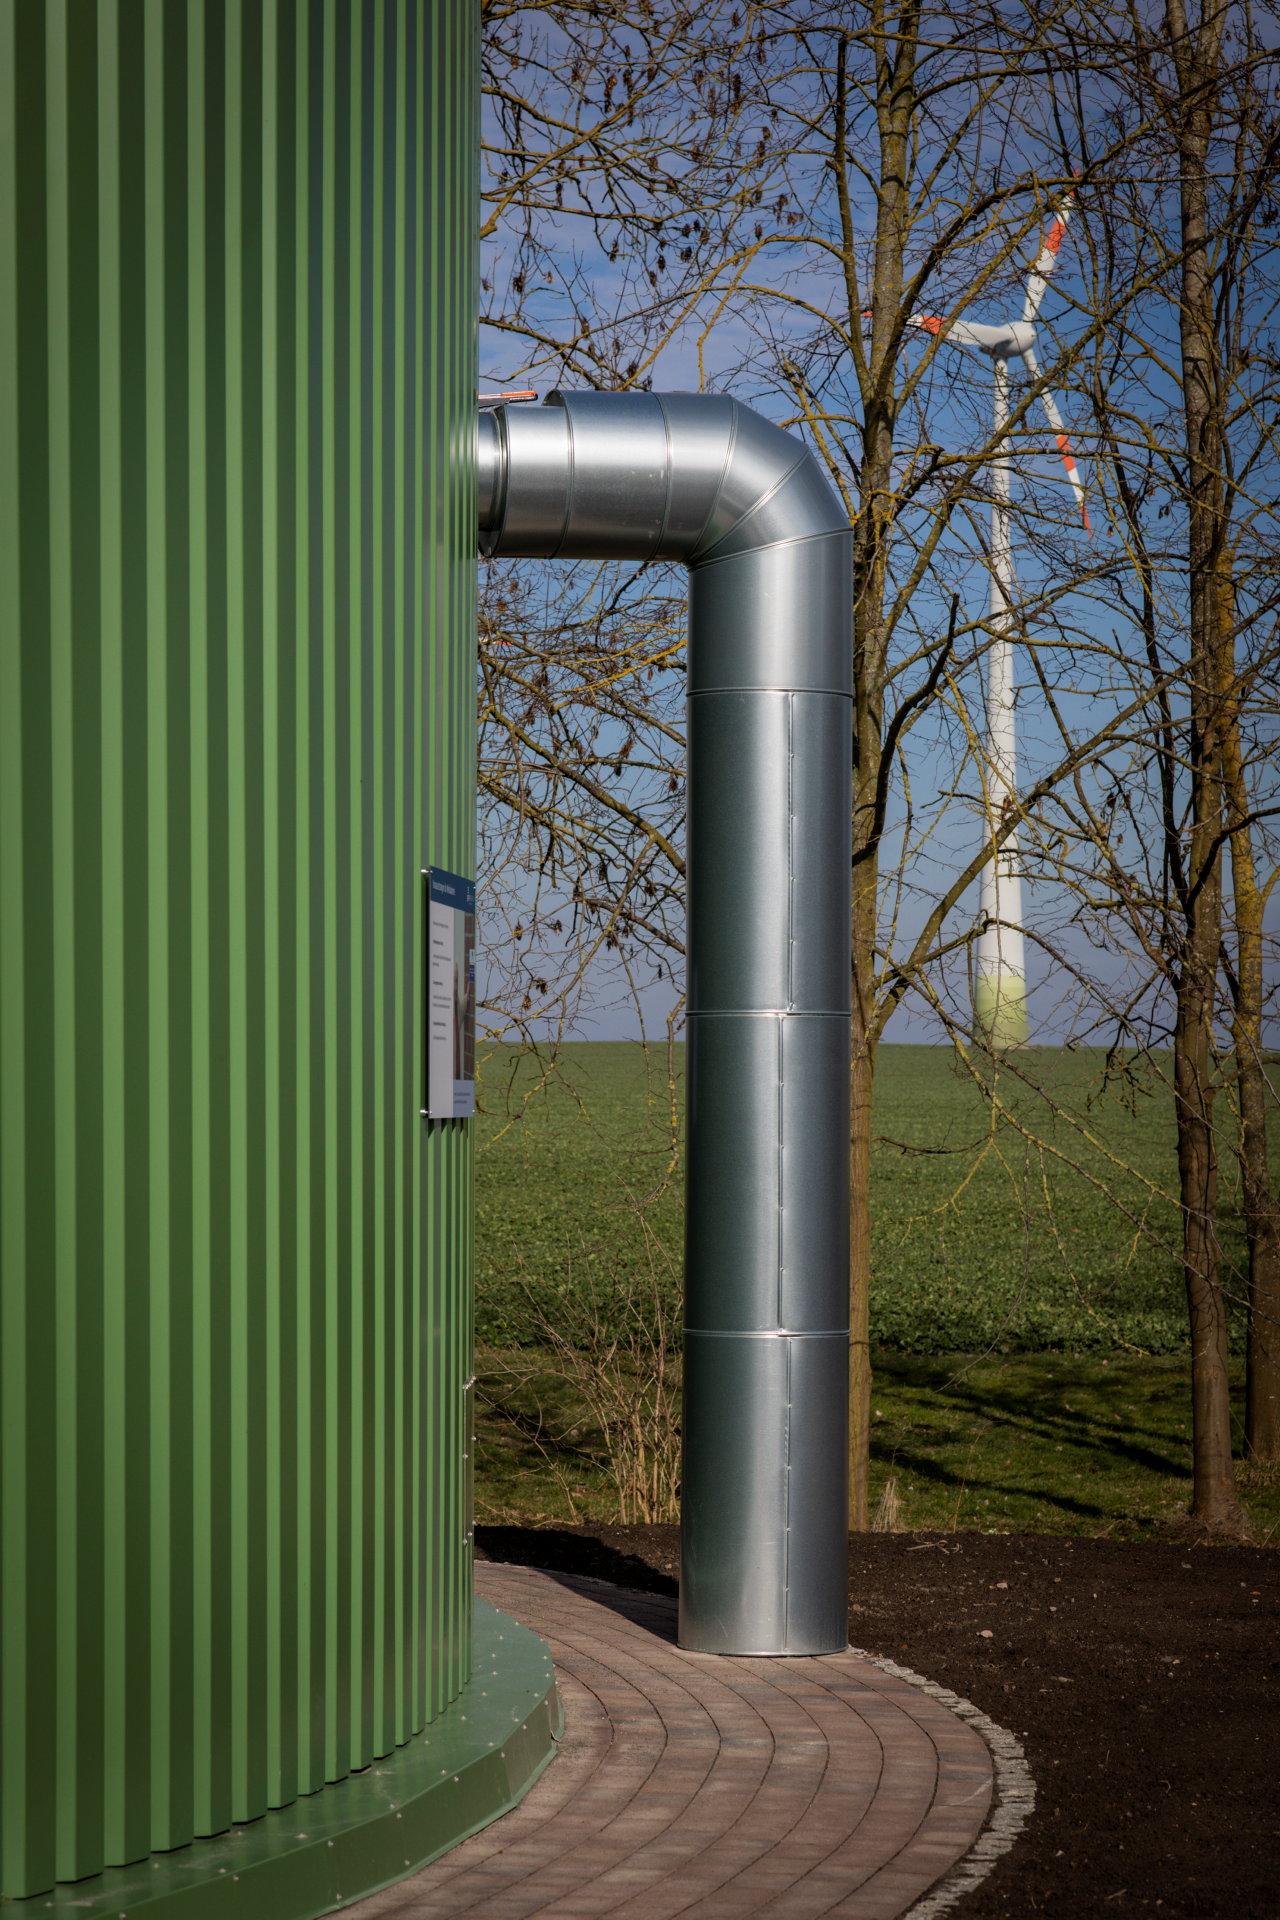 Ein Rohr führt vom Boden in einen großen grünen Tank, Im Hintergrund steht eine Windkraftanlage.